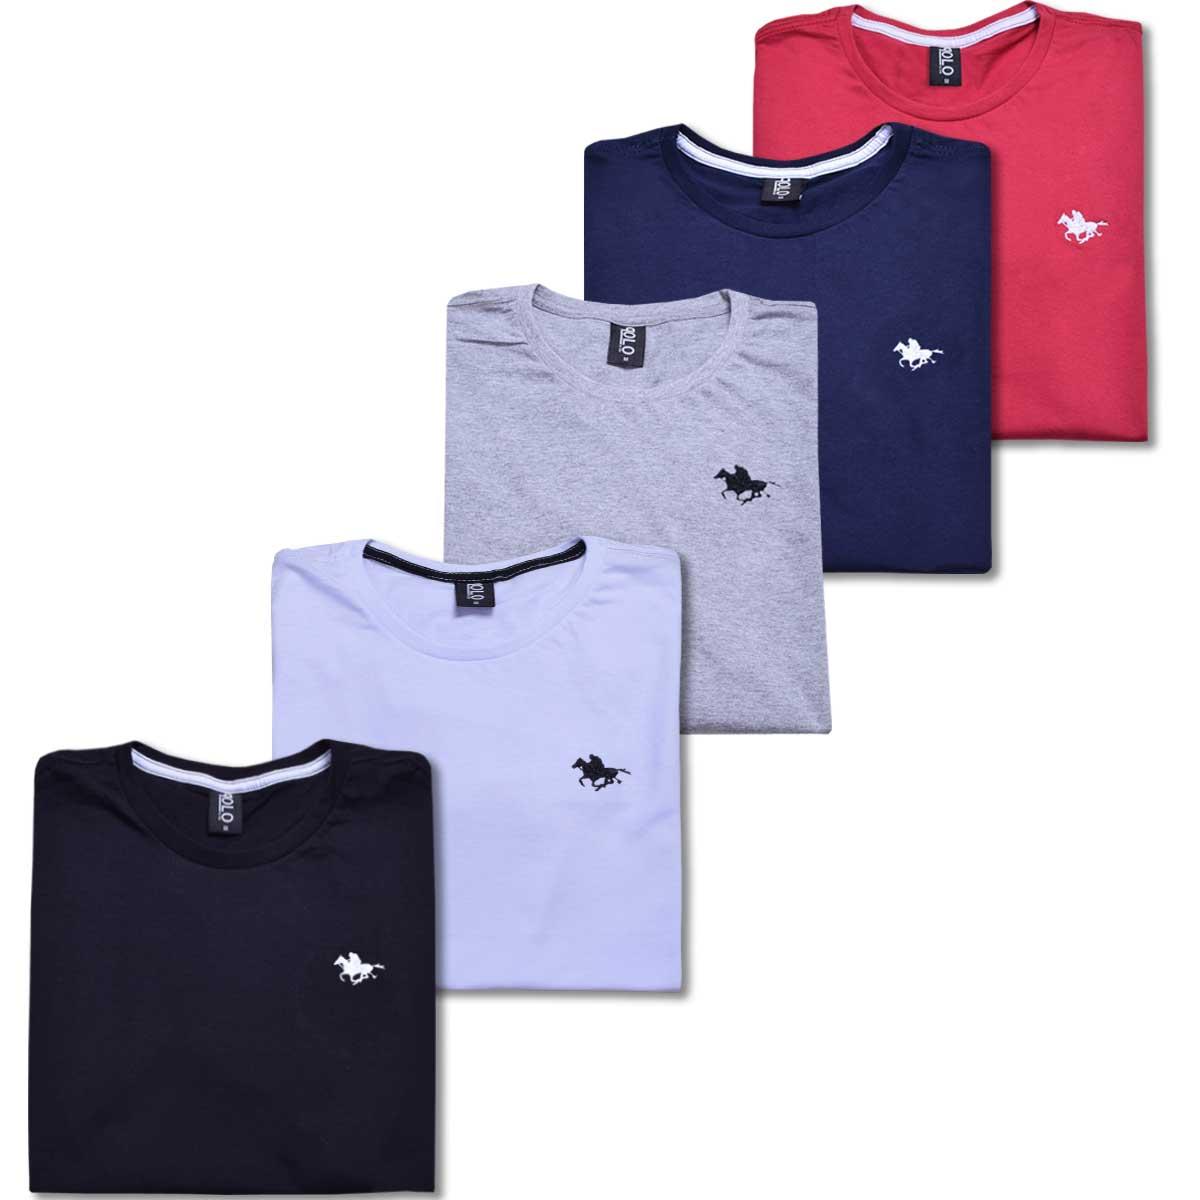 Kit Camiseta Polo RG518 Lisa